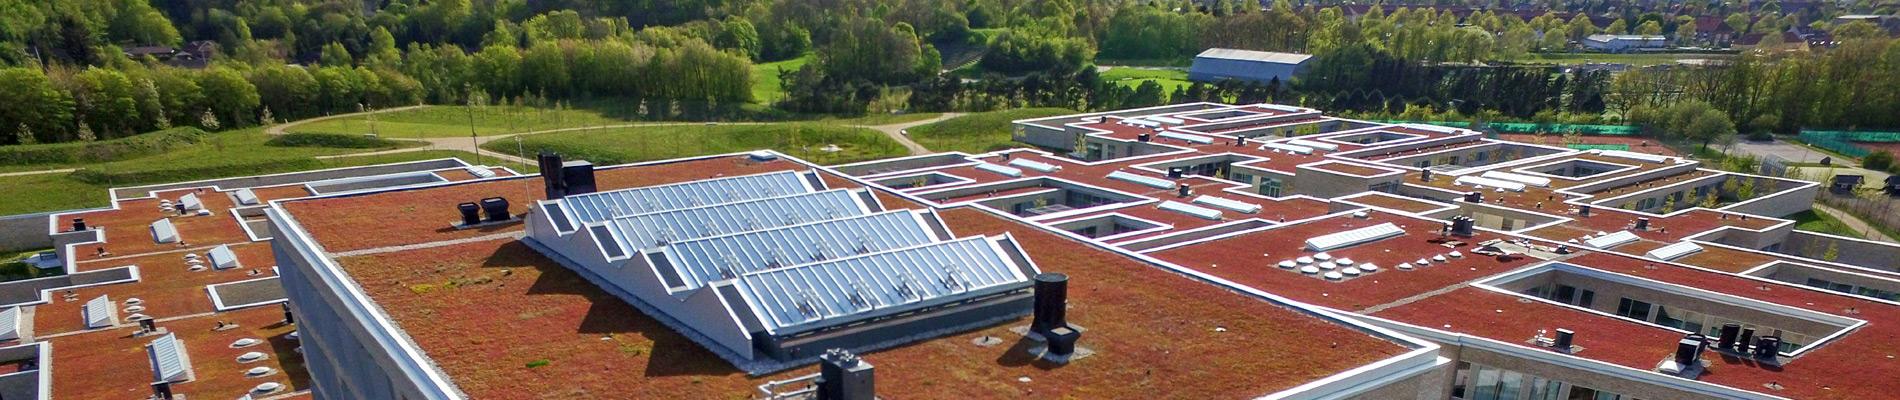 Tageslichtsysteme für Flachdächer mit einer Neigung von 0° bis 30°